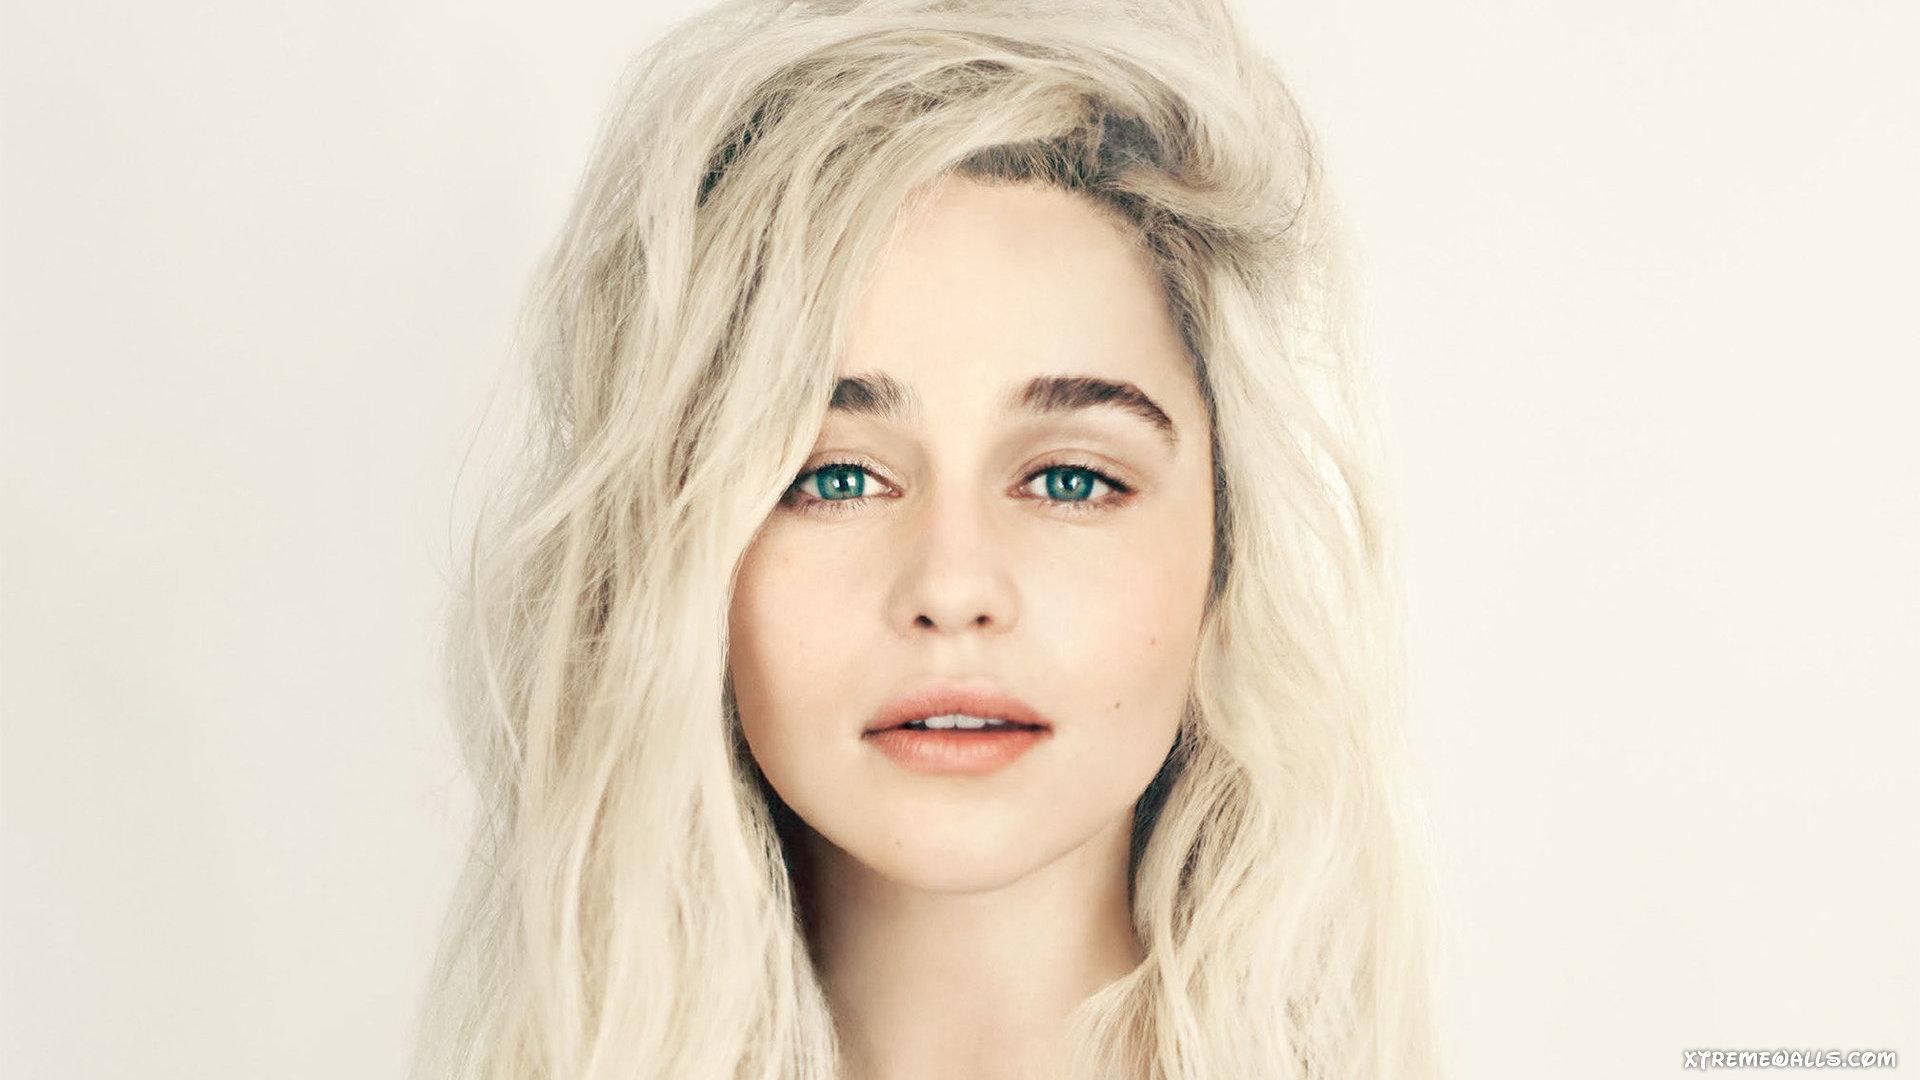 Emilia Clarke Hot